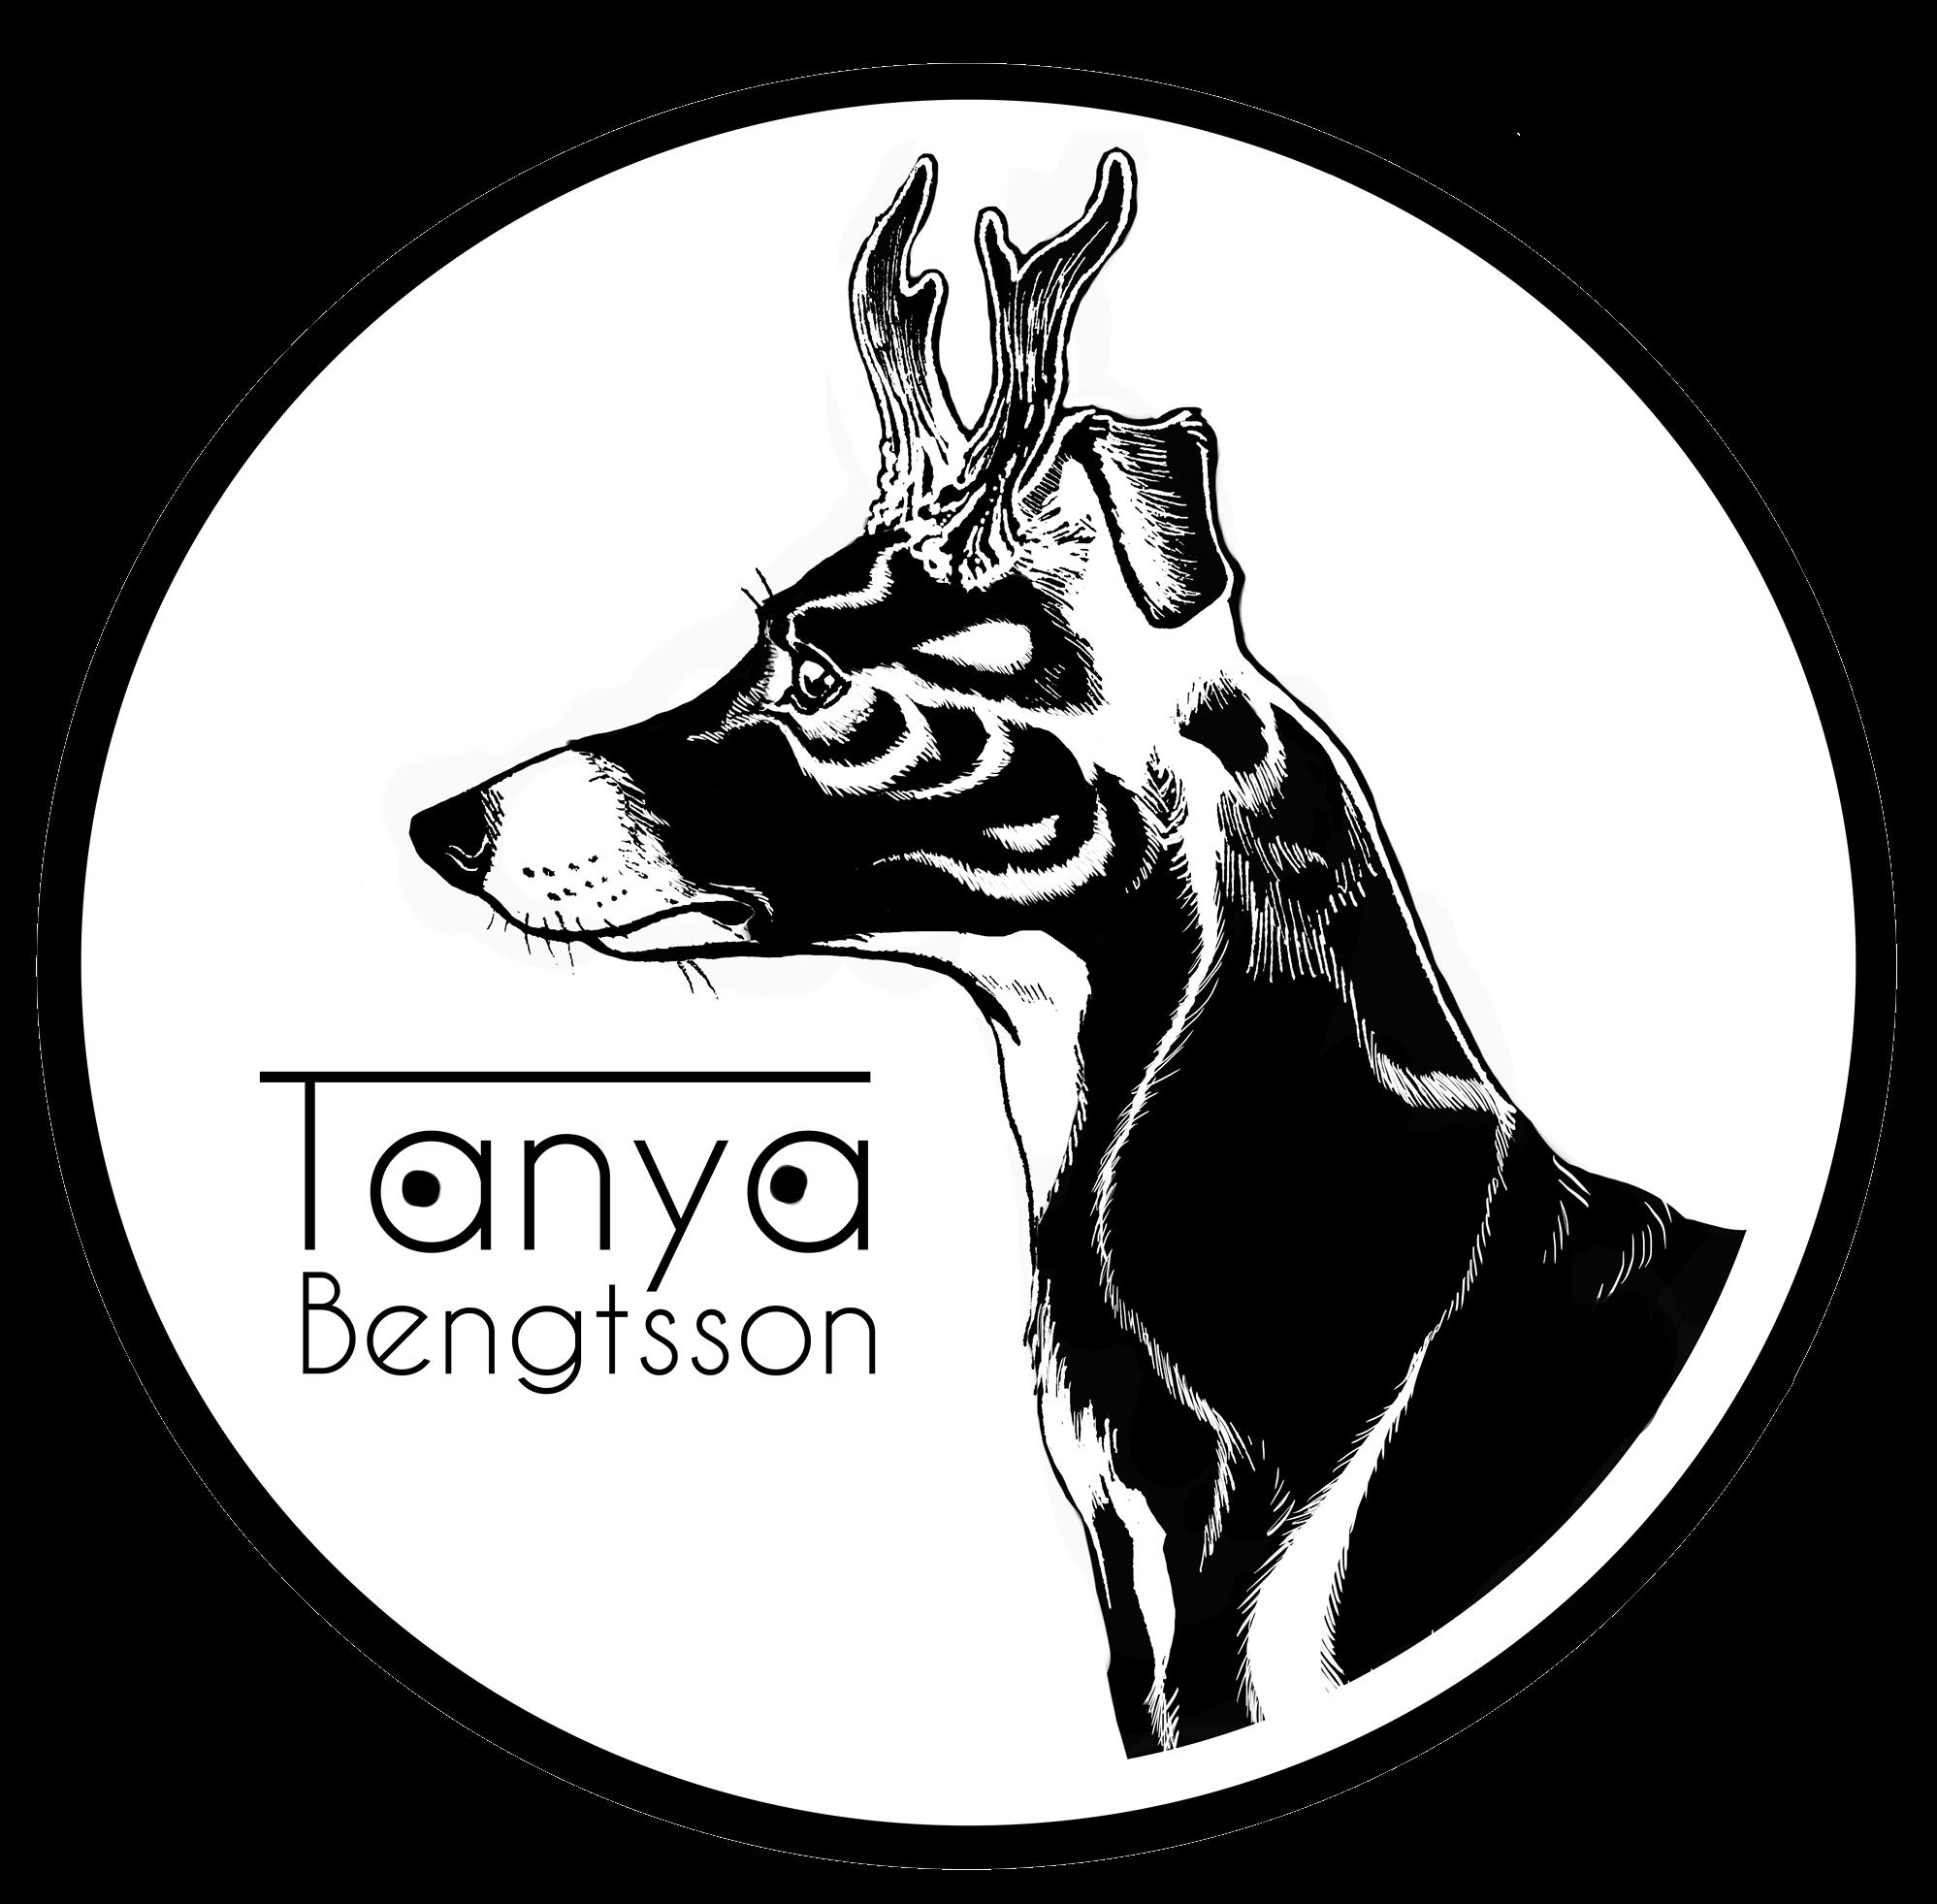 Tanya Bengtsson